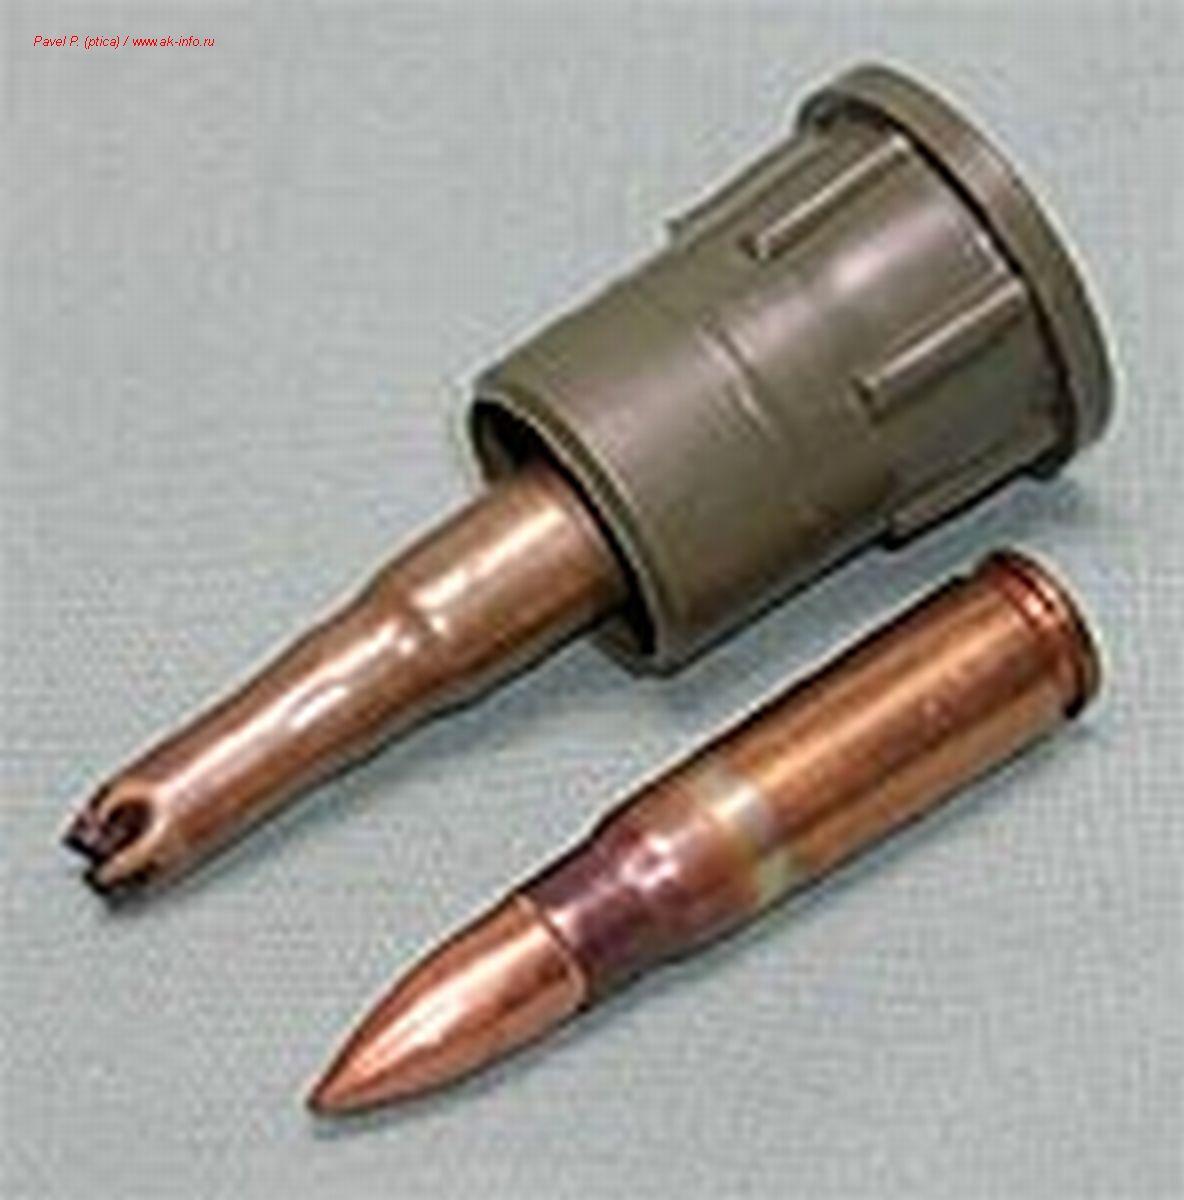 VTKM M68 yugo grenade